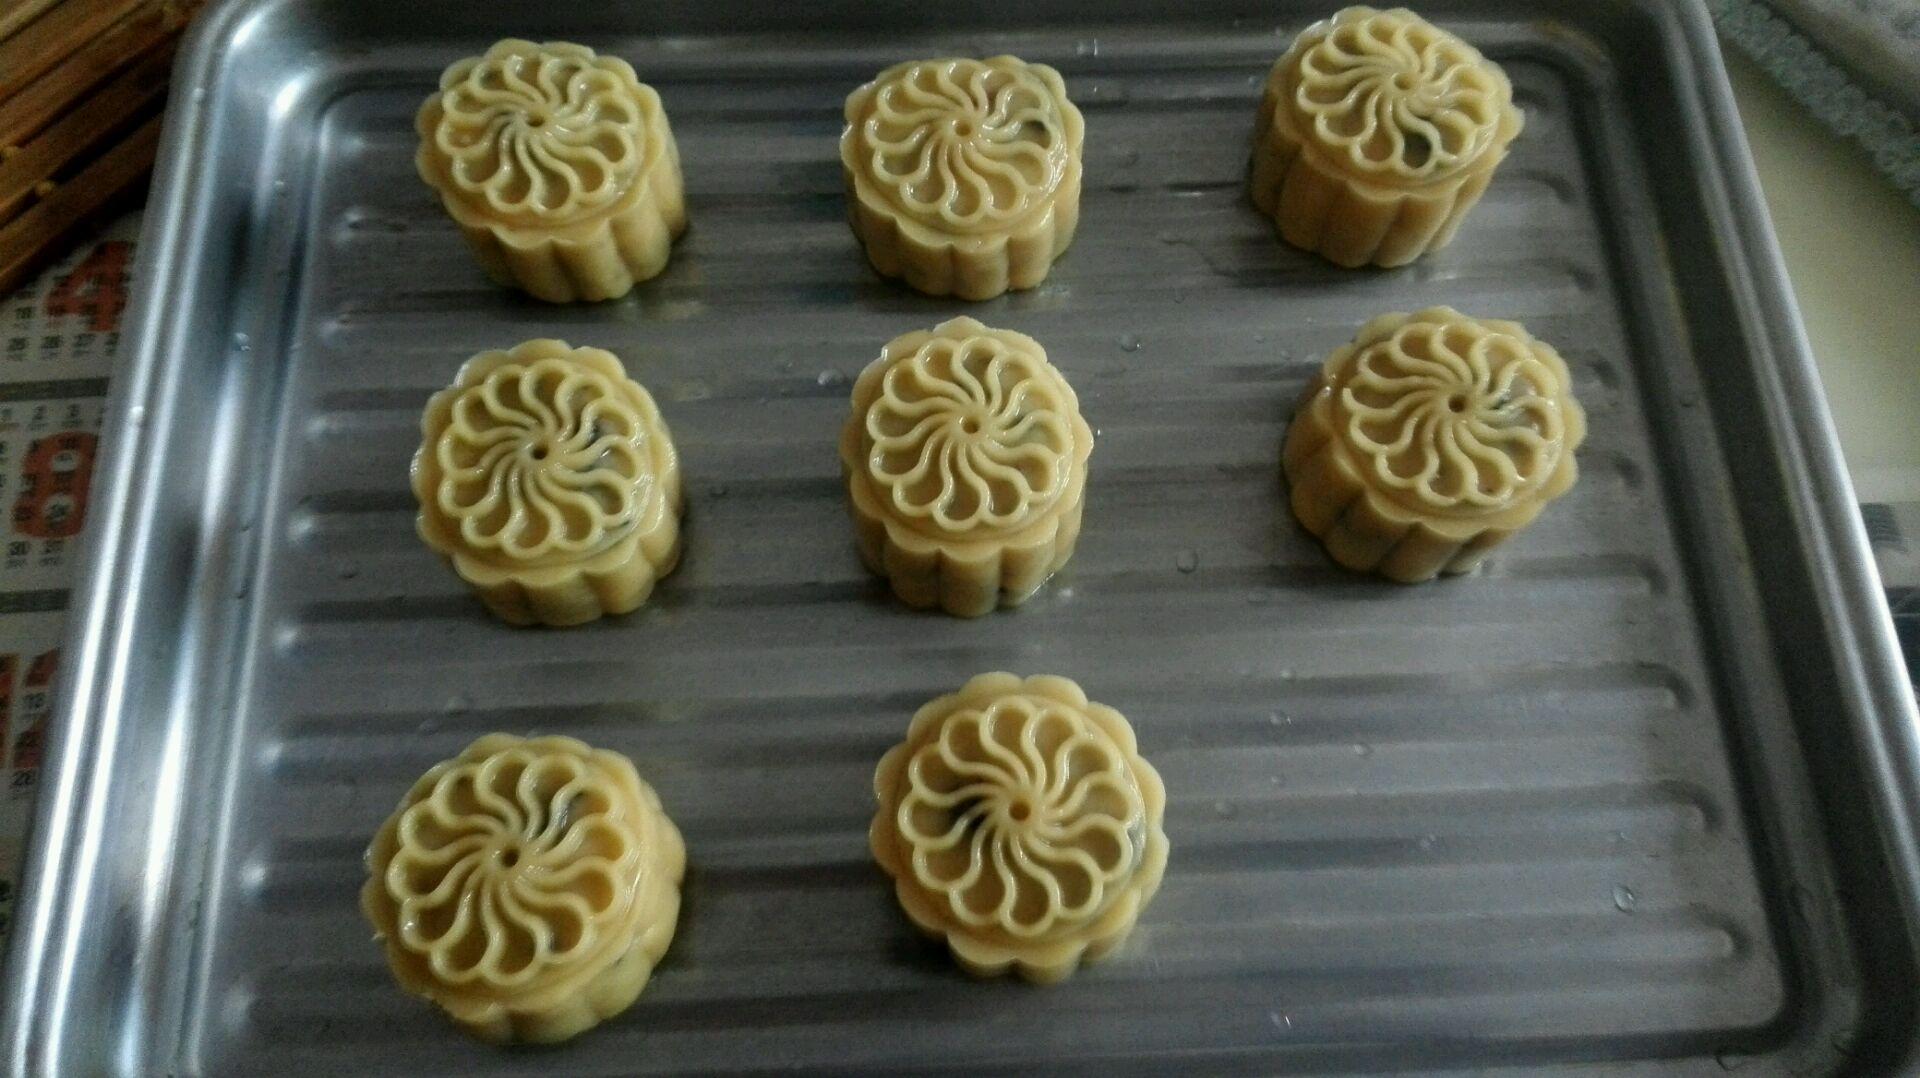 做饼的制作,将包好的月饼用模具压成不同的形状,可在模具中抹些花生